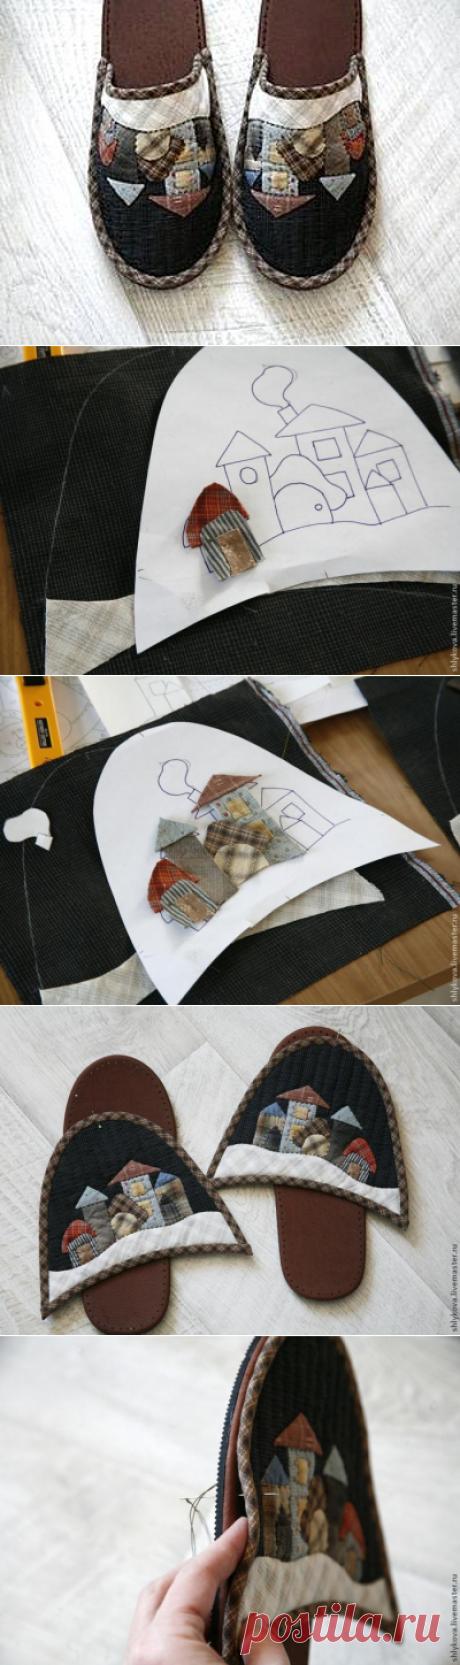 Como coser las zapatillas confortables de casa. El autor mk Zhuravlik